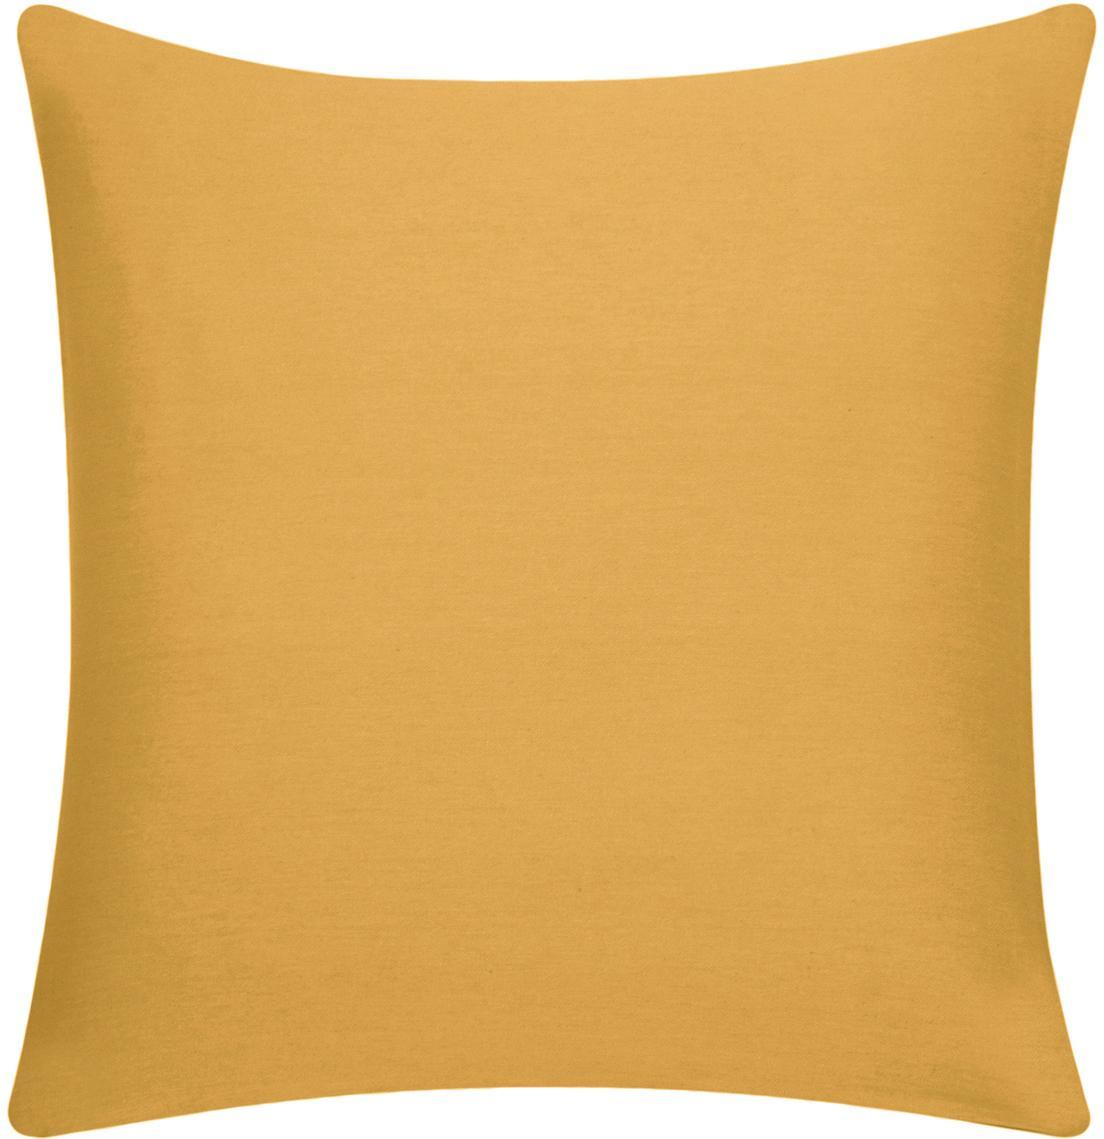 Federa arredo in cotone giallo senape Mads, 100% cotone, Giallo senape, Larg. 50 x Lung. 50 cm